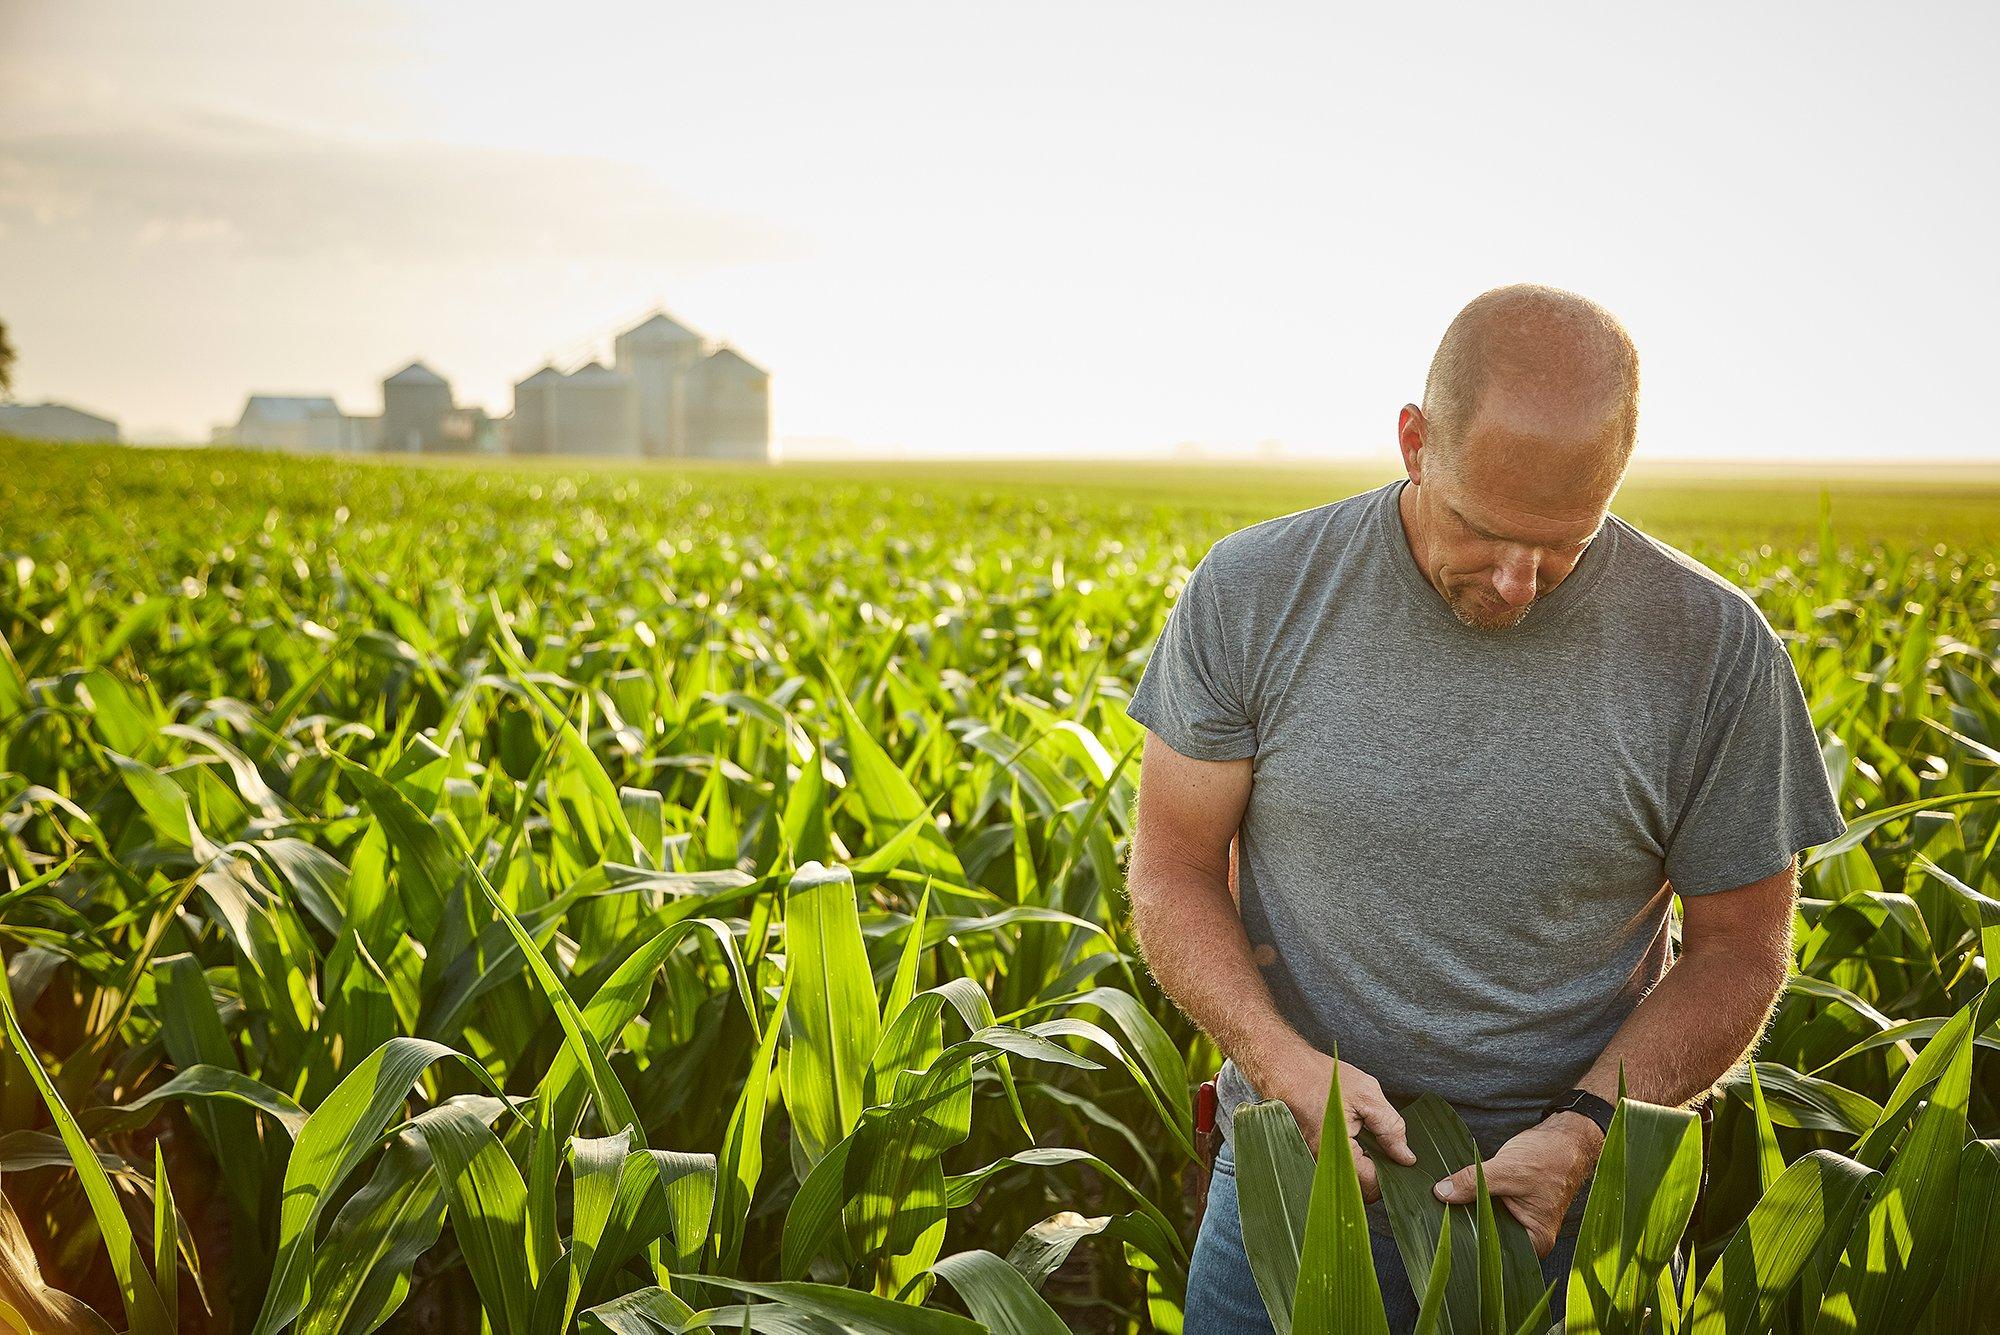 man_corn_farmer_harvest_field_outside